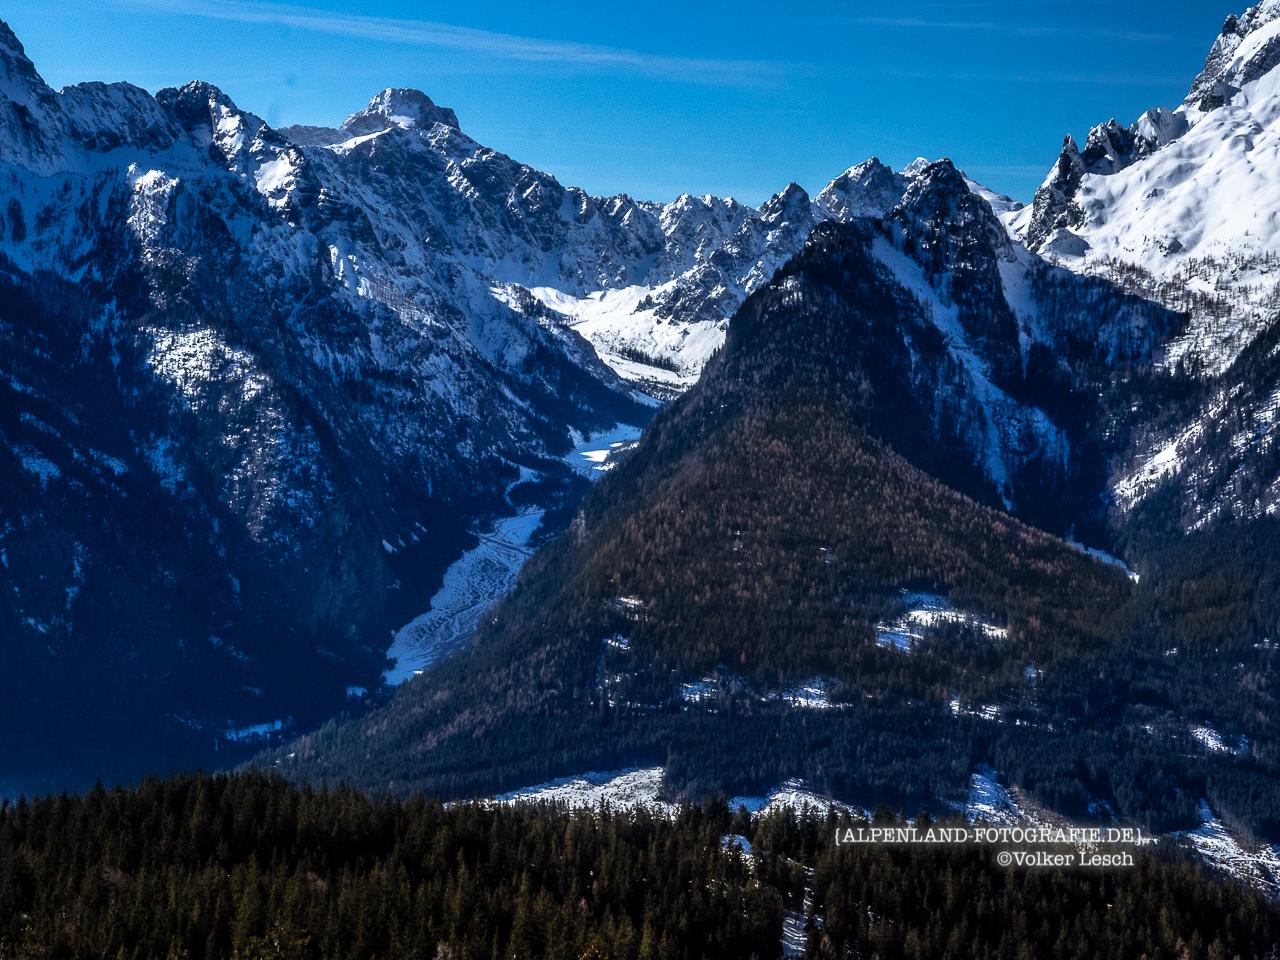 Wimbachgries © Volker Lesch - Alpenland Fotografie